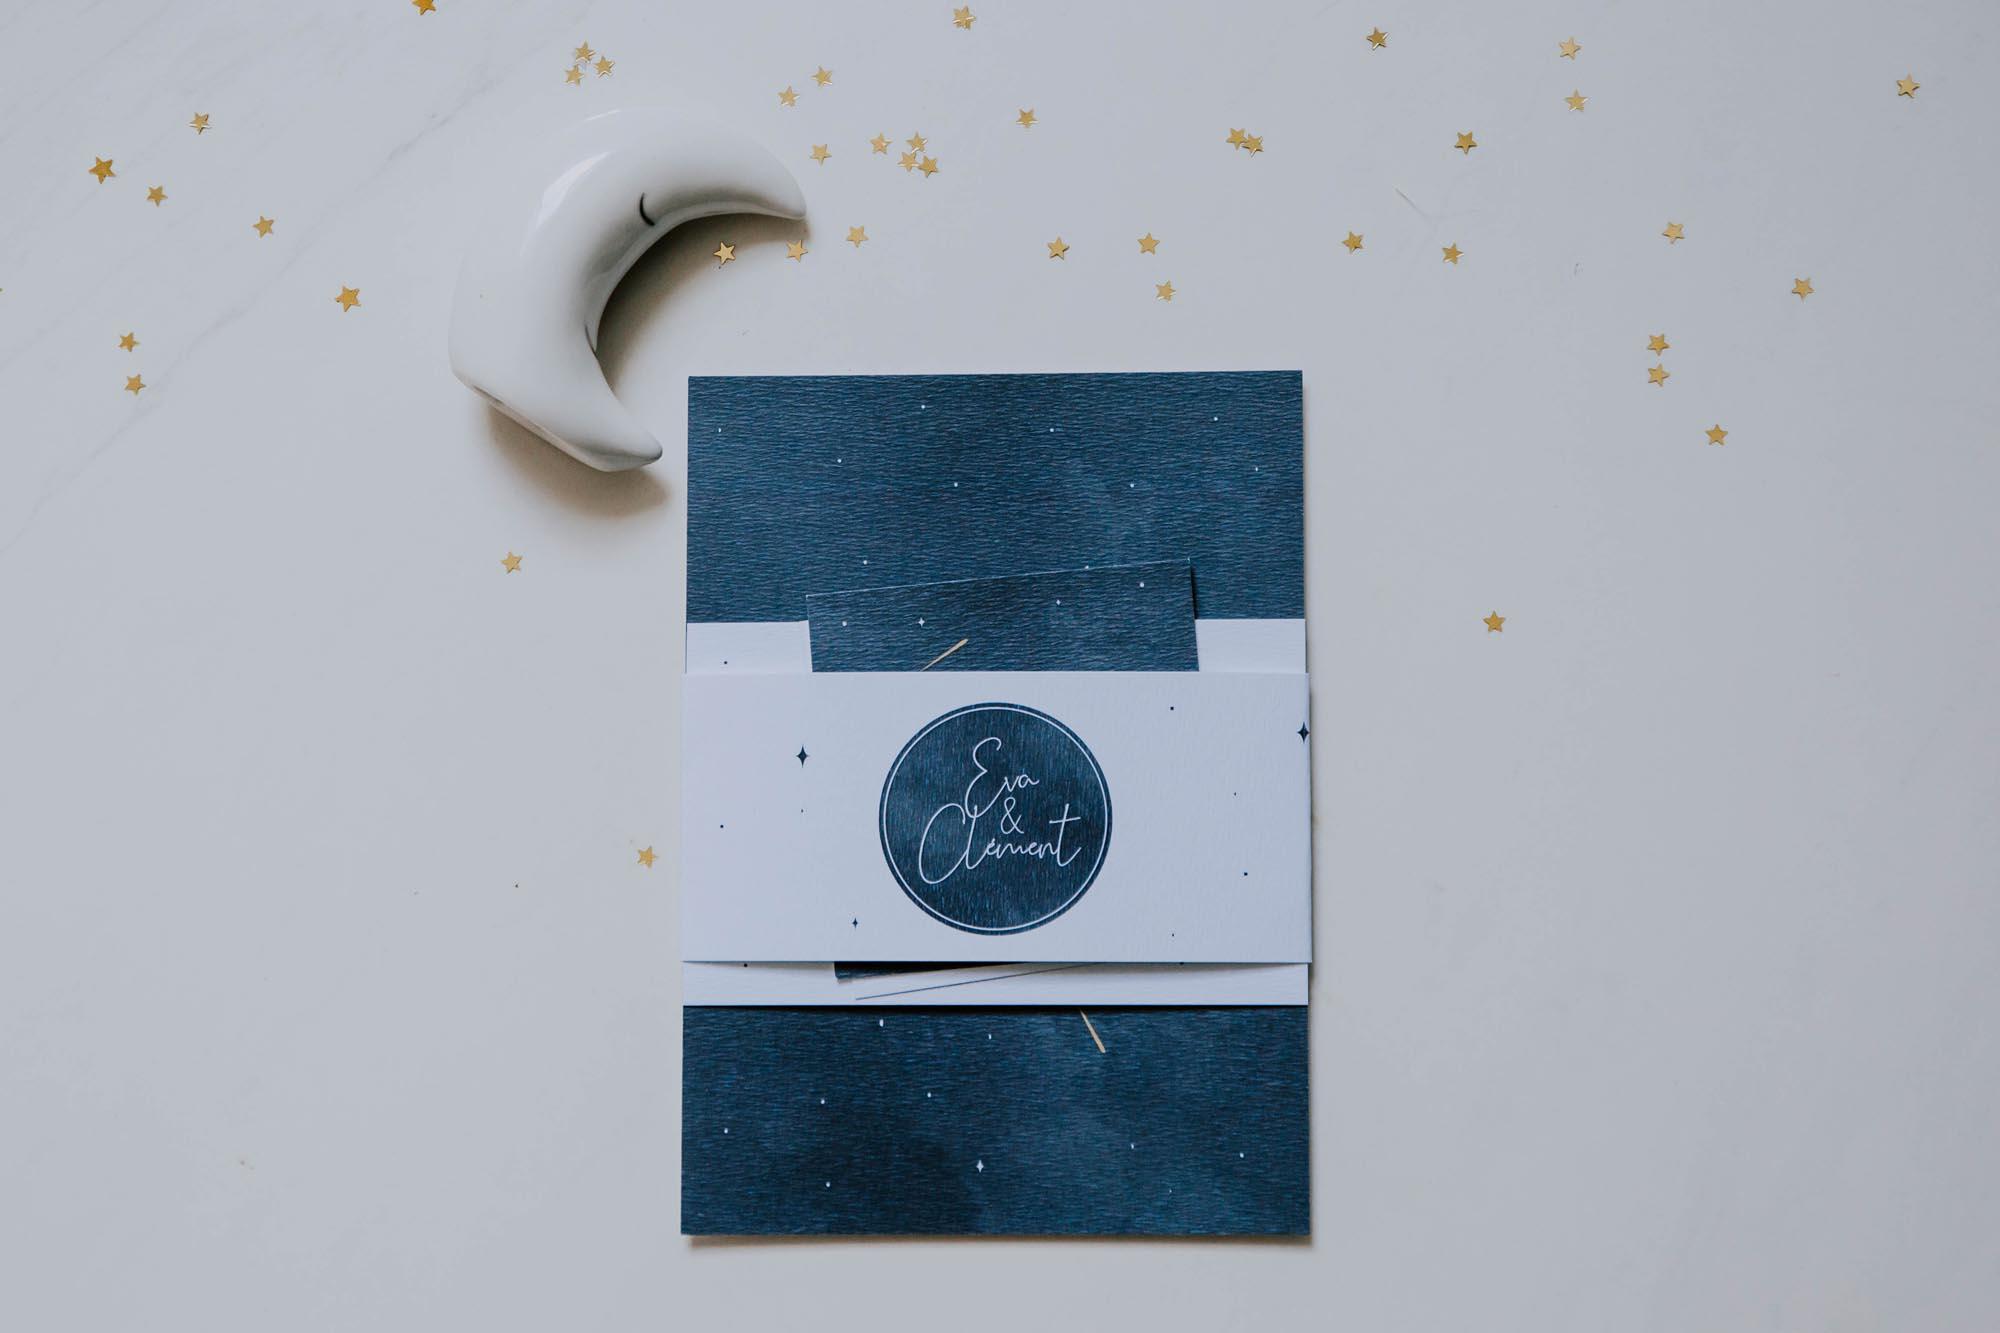 Invitation faire-part de mariage aux thèmes nuit, étoiles, nuages, rêves, comètes et couleurs gris, blanc, or